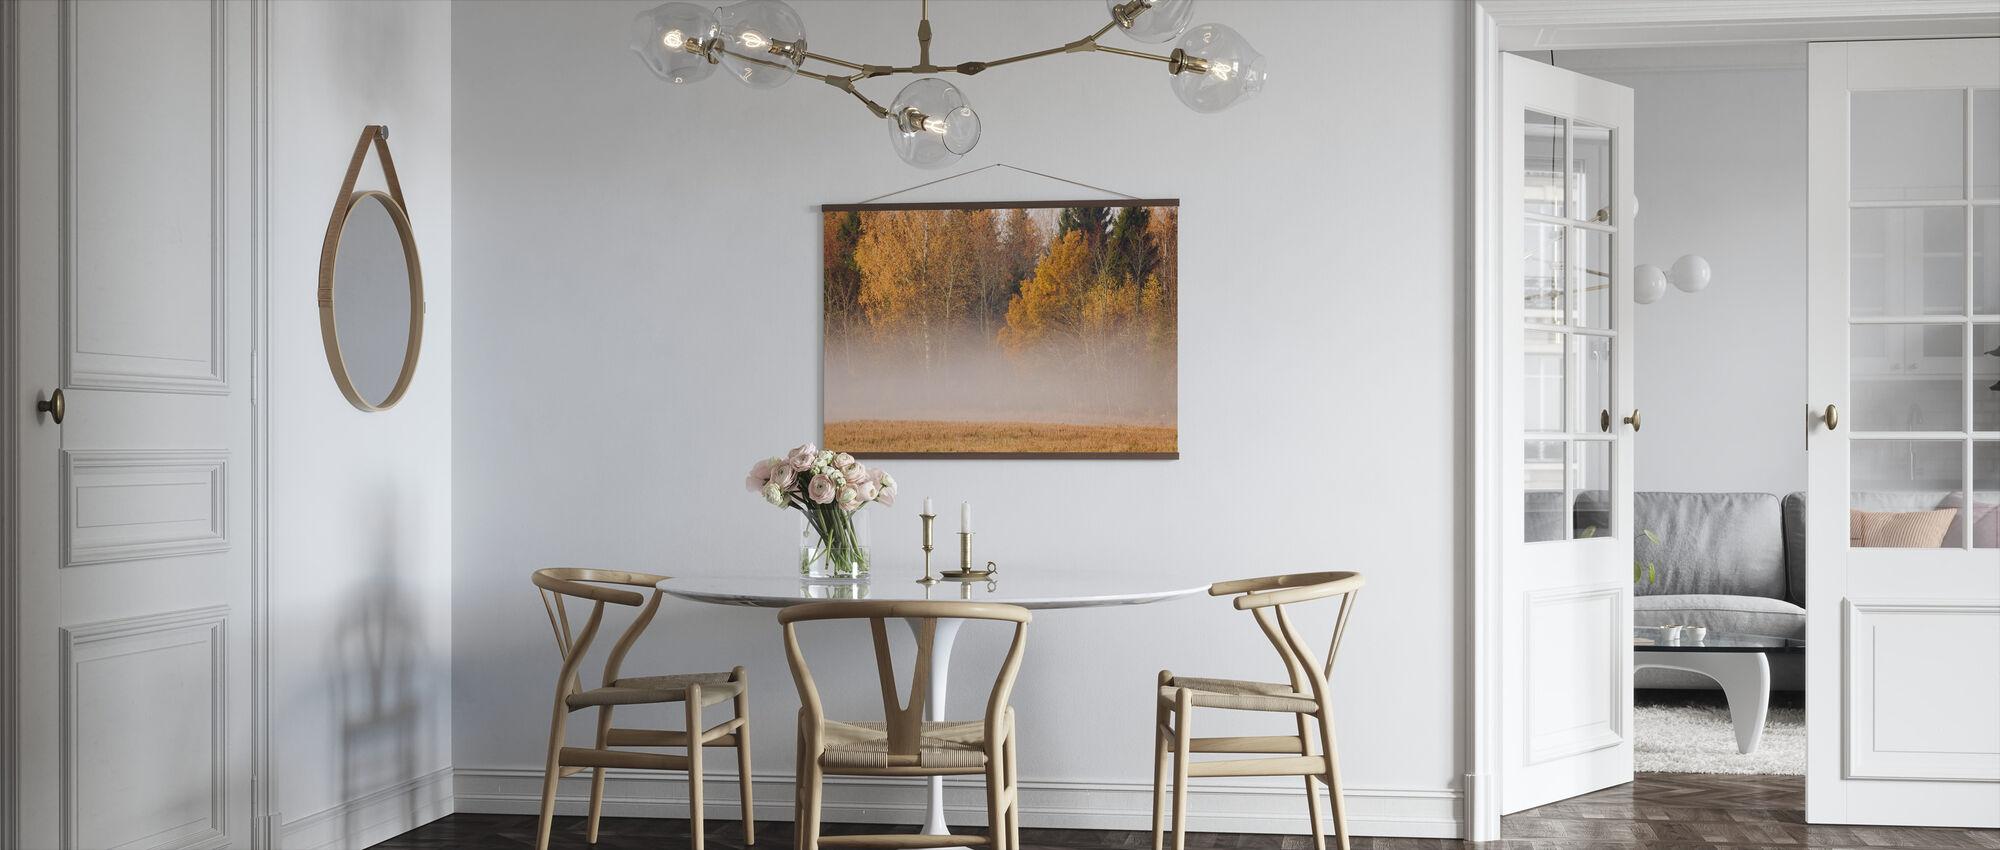 Mist en herfst kleuren - Poster - Keuken